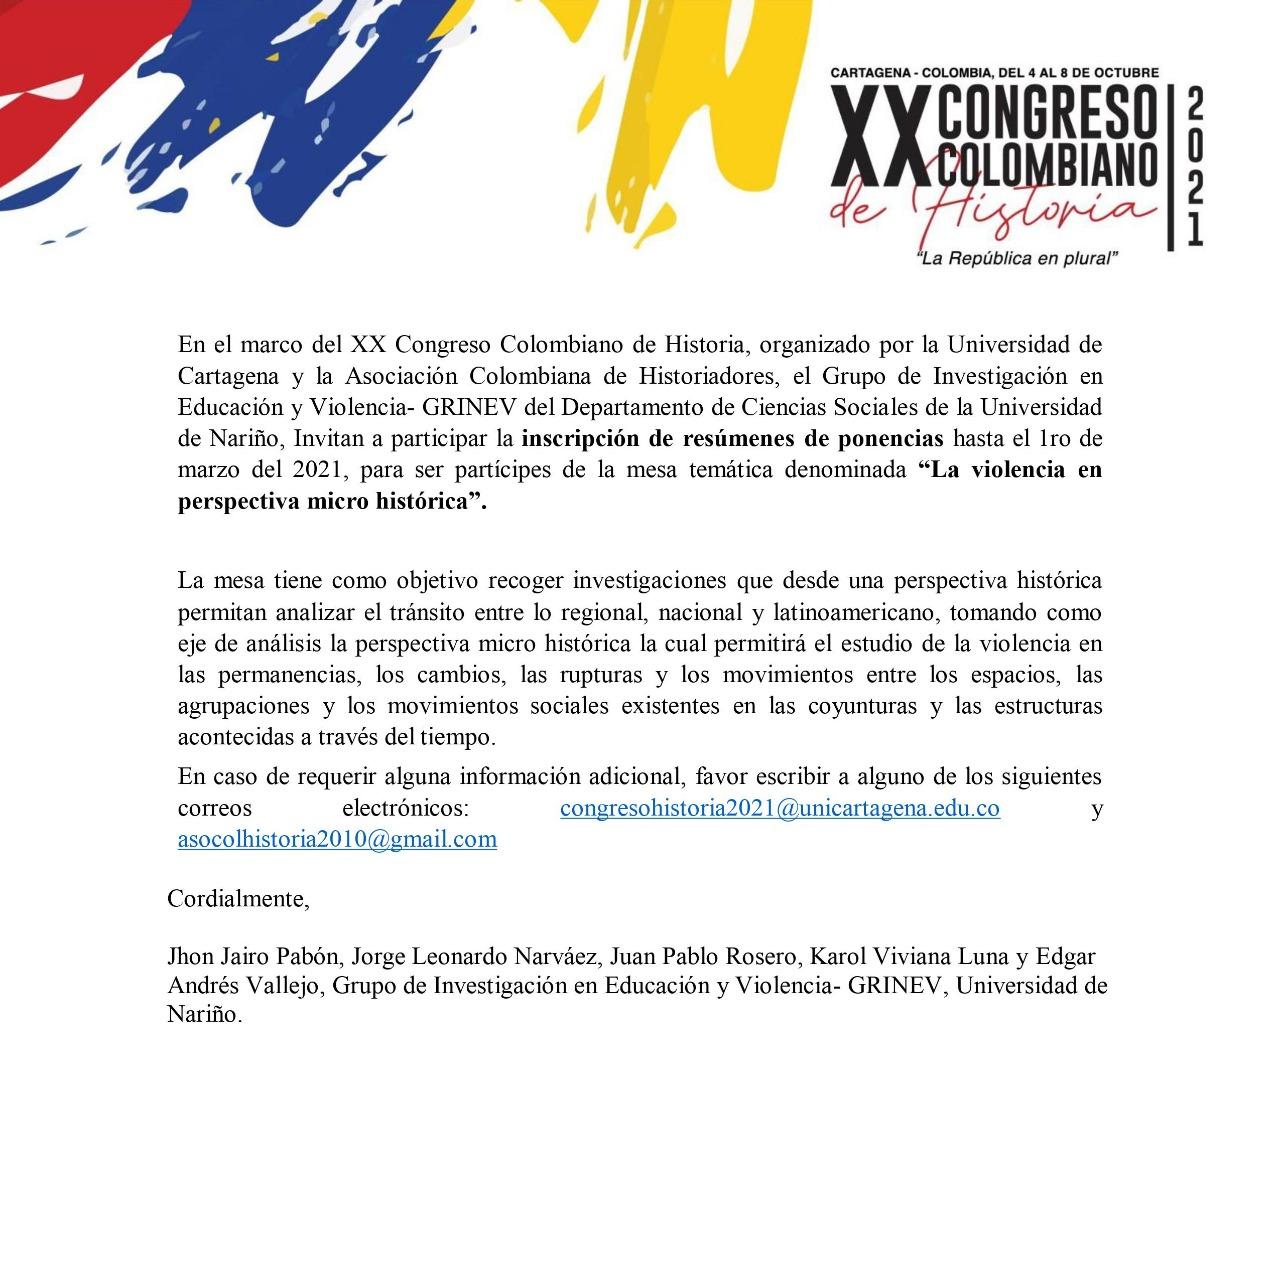 Publicidad XX Congreso Colombiano de Historia